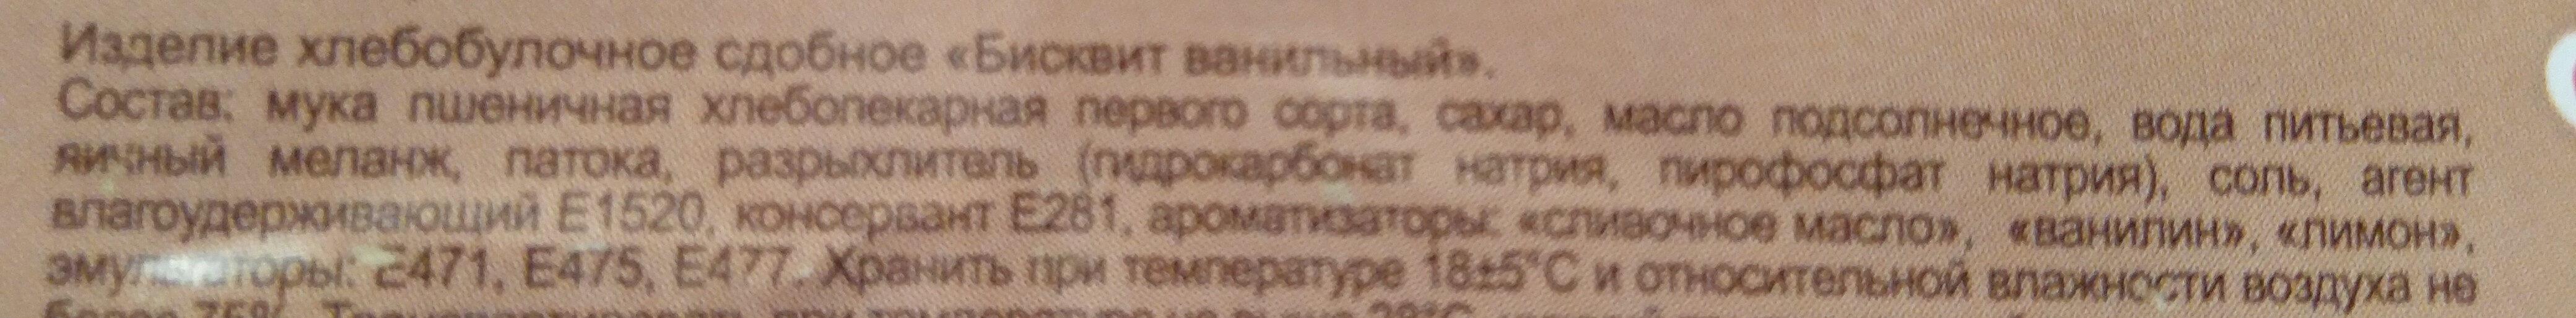 Бисквит ванильный - Ингредиенты - ru